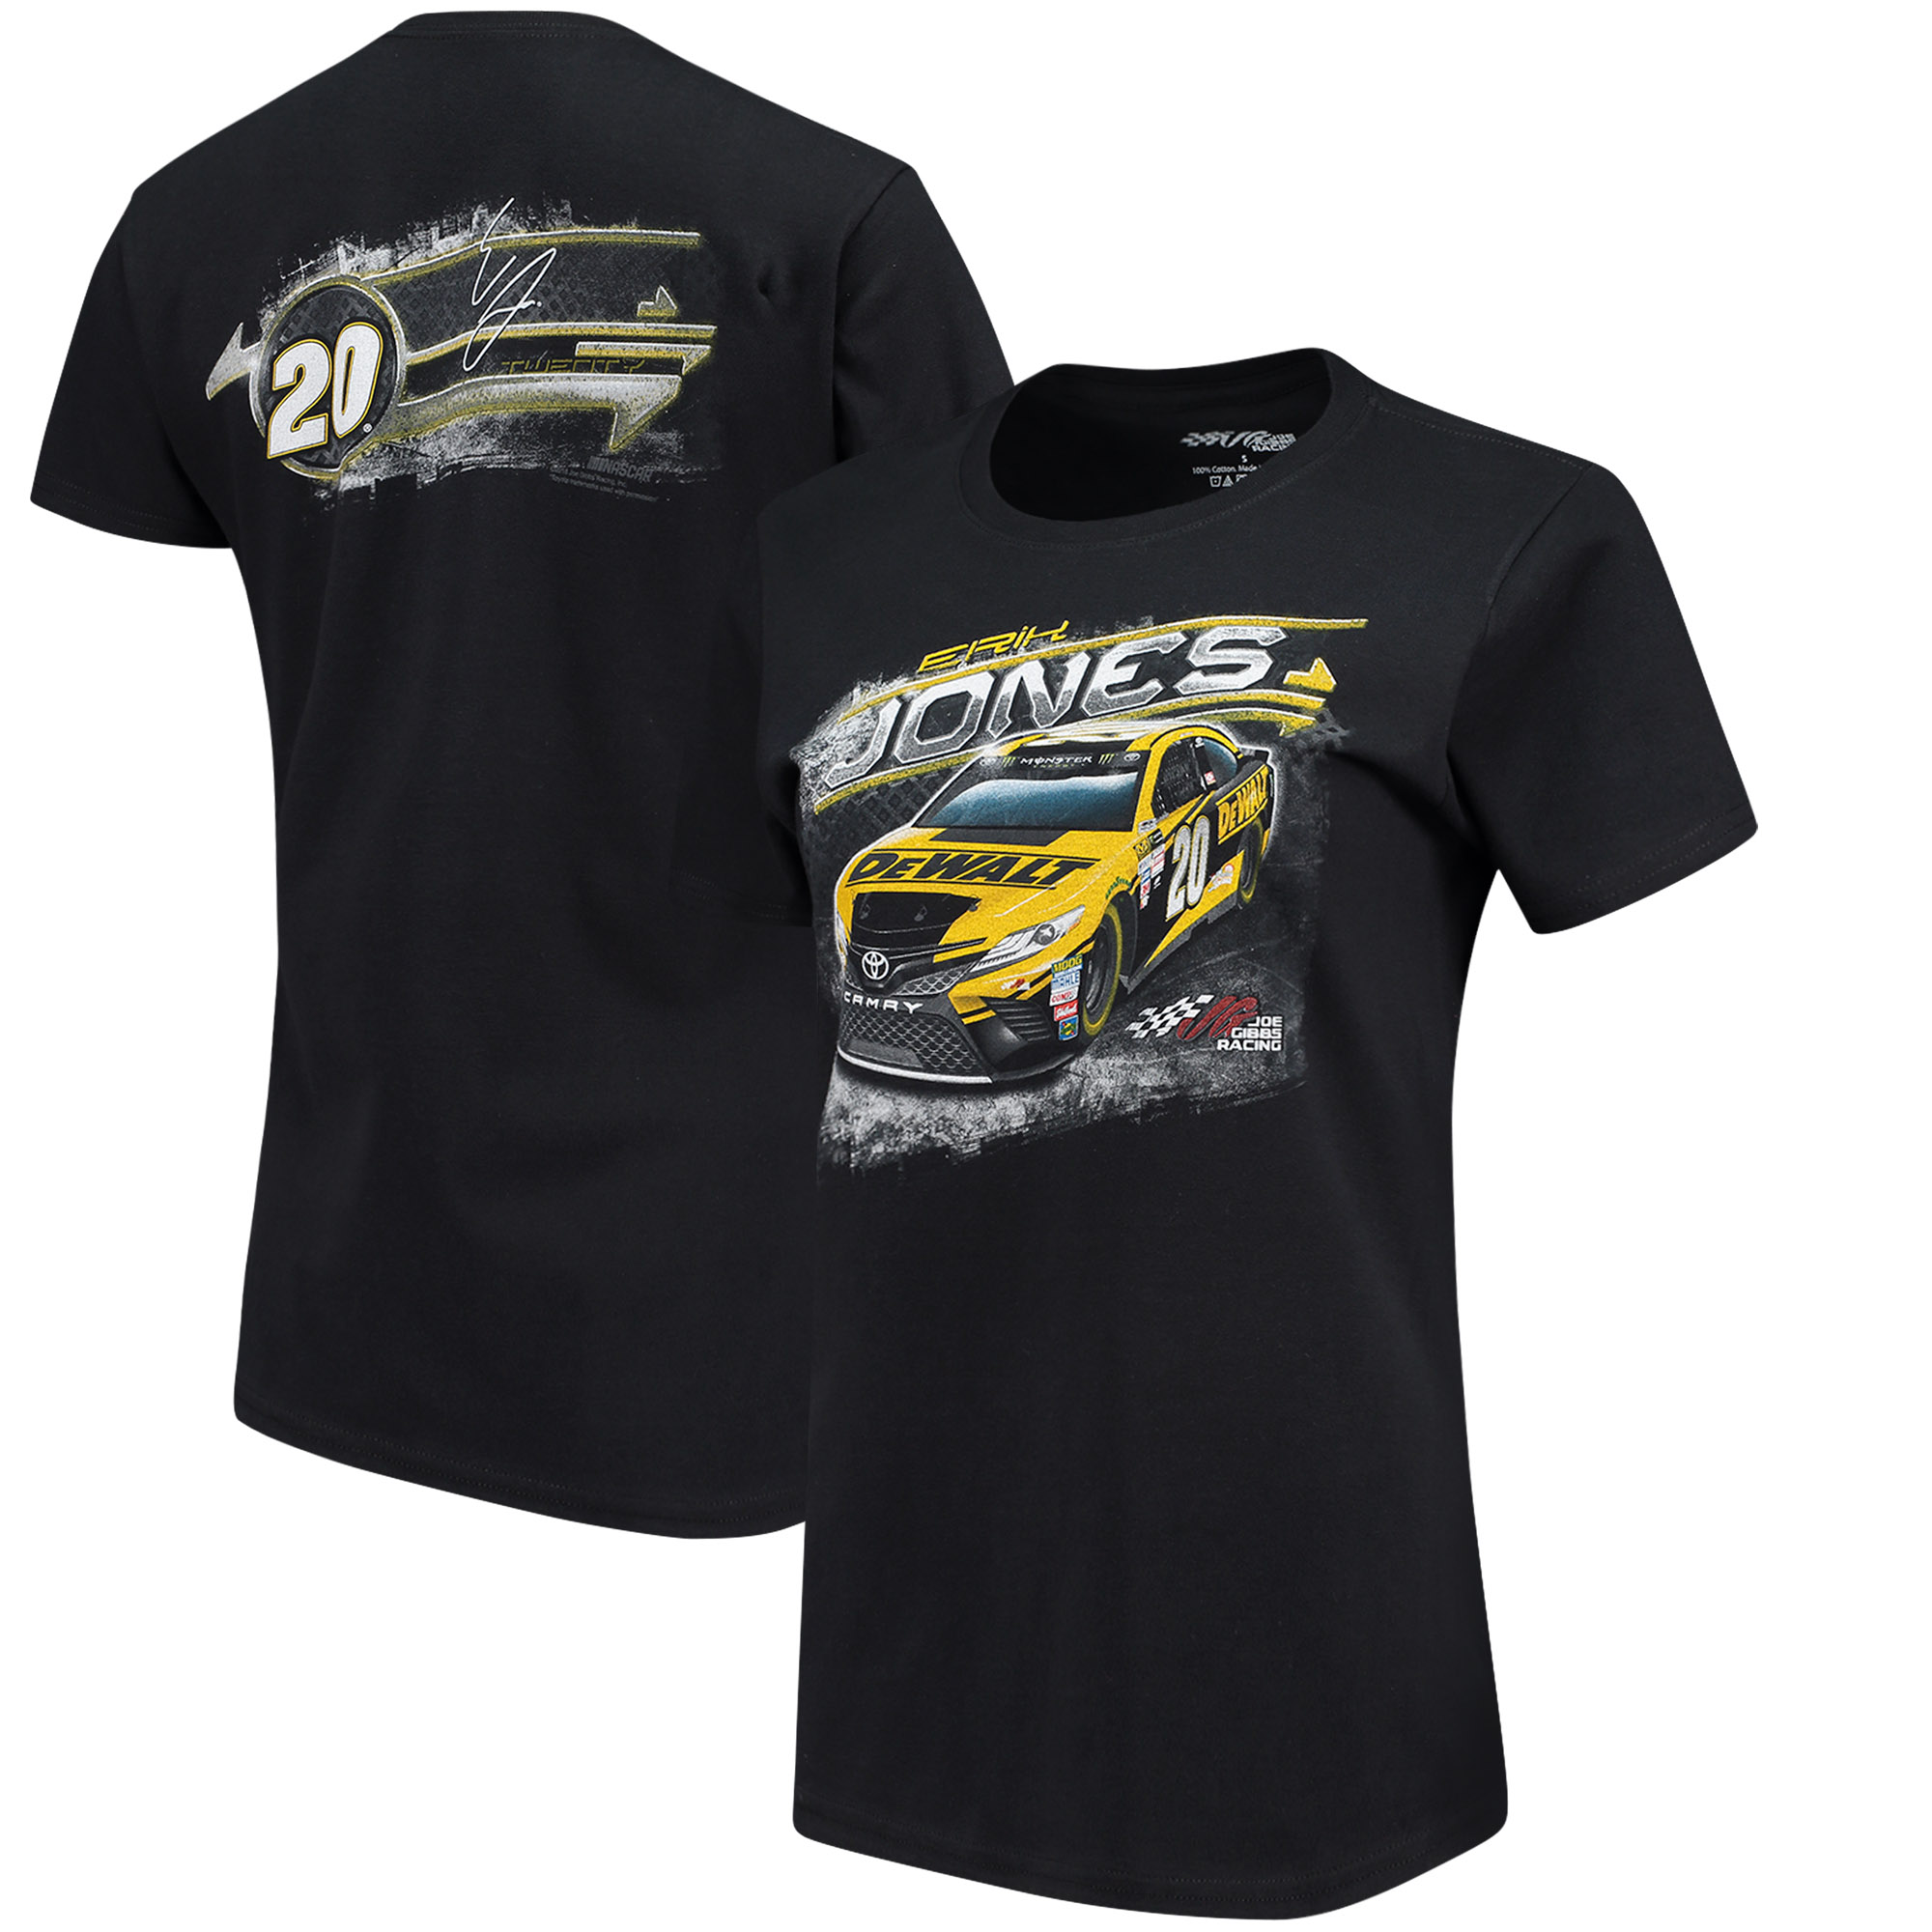 Erik Jones Women's Car T-Shirt - Black